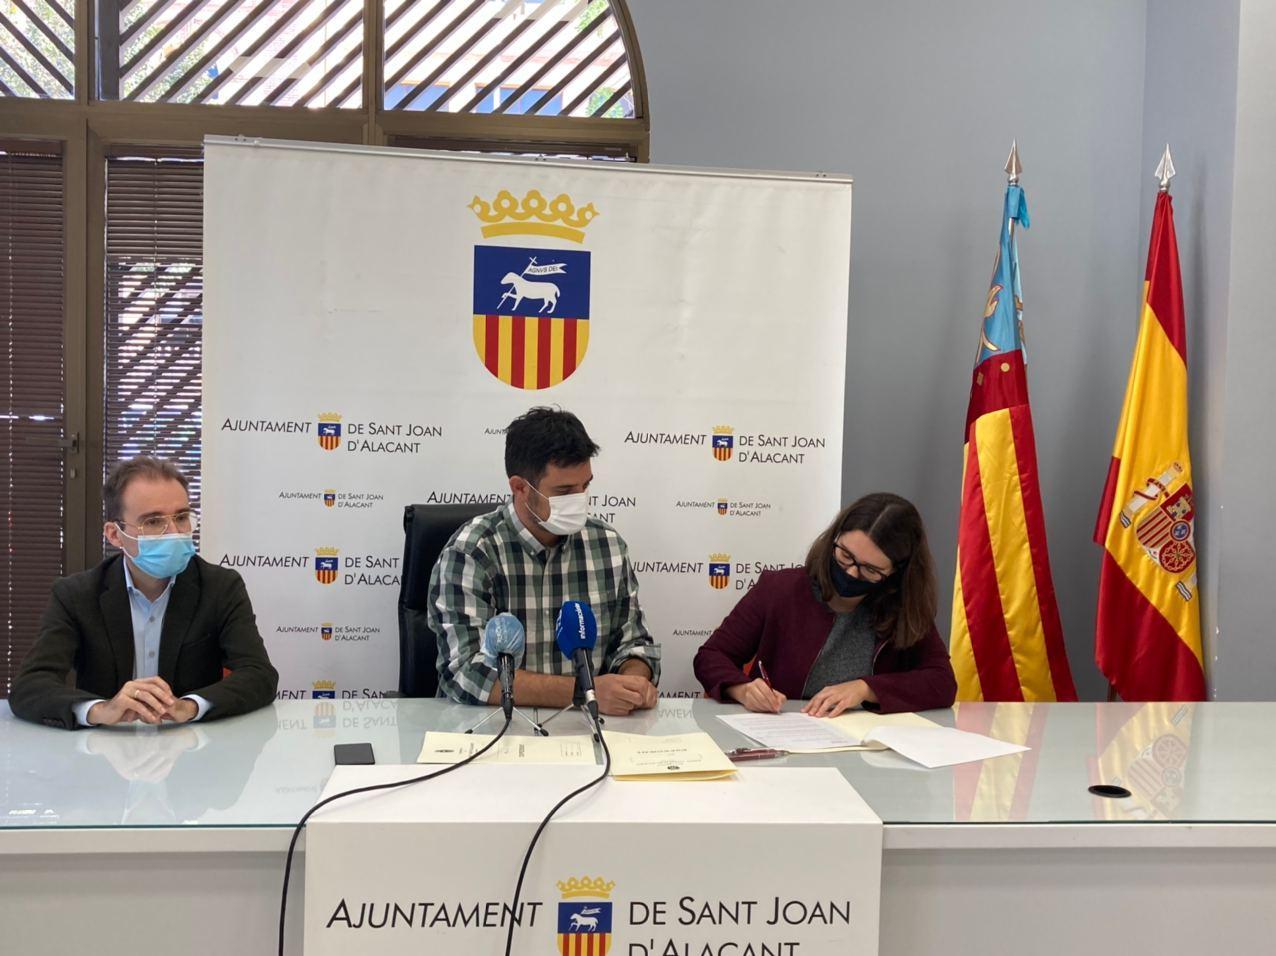 La Conselleria de Vivienda y el Ayuntamiento de Sant Joan firman un protocolo de colaboración para la adquisición y gestión de viviendas en alquil...